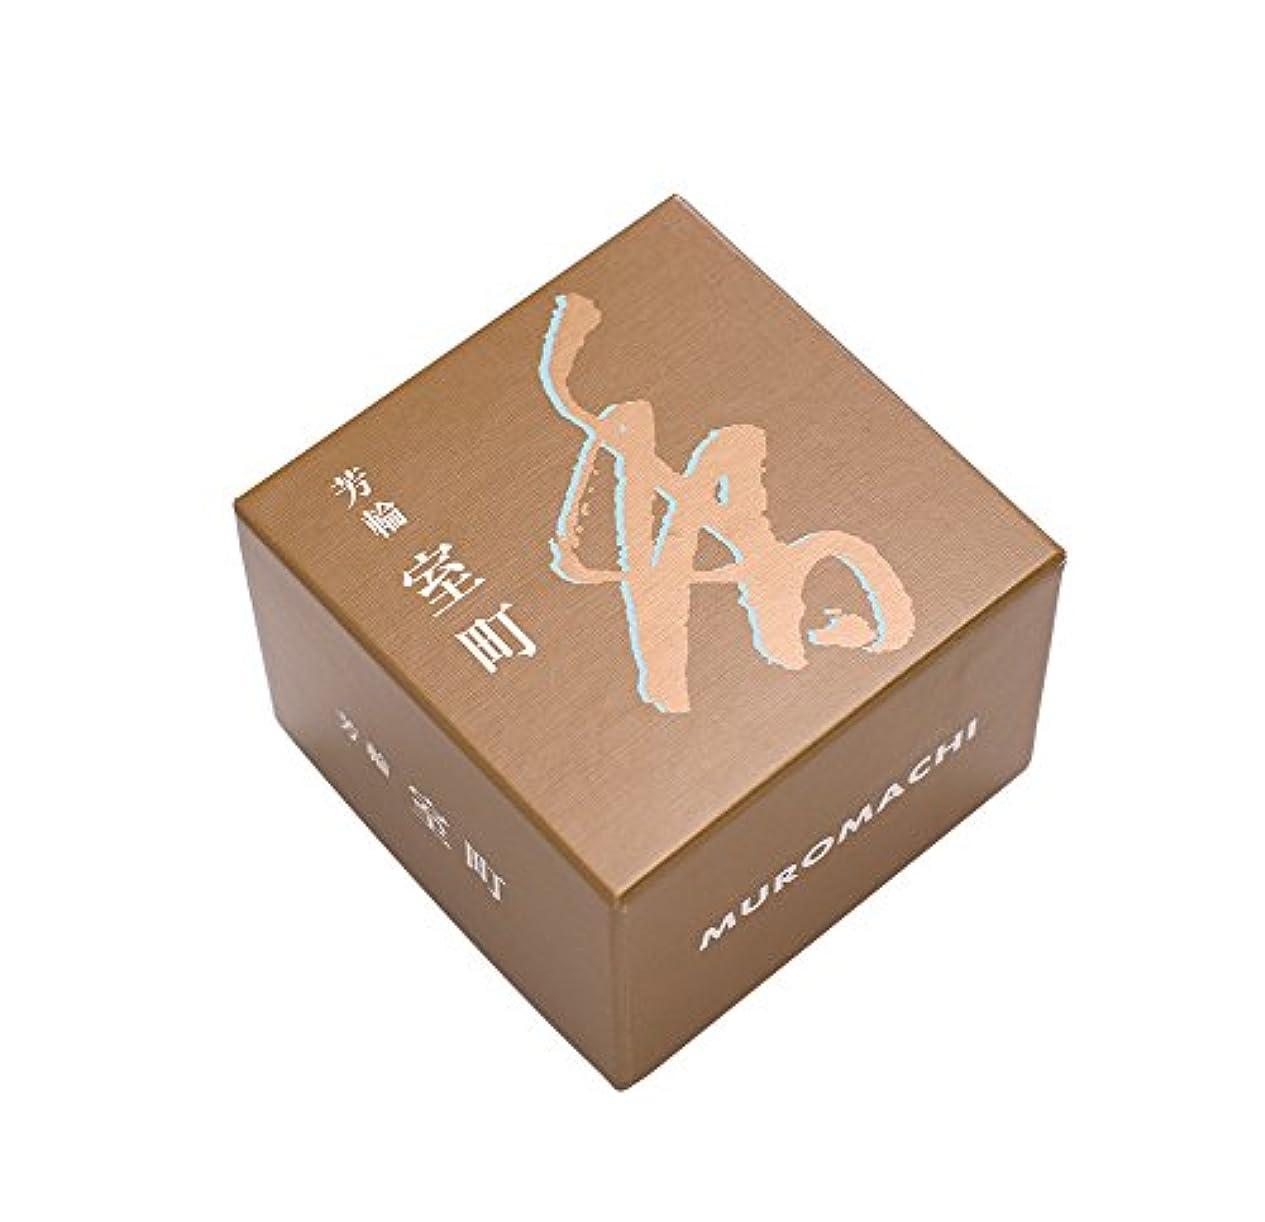 渦別のしおれた松栄堂のお香 芳輪室町 渦巻型10枚入 うてな角型付 #210421